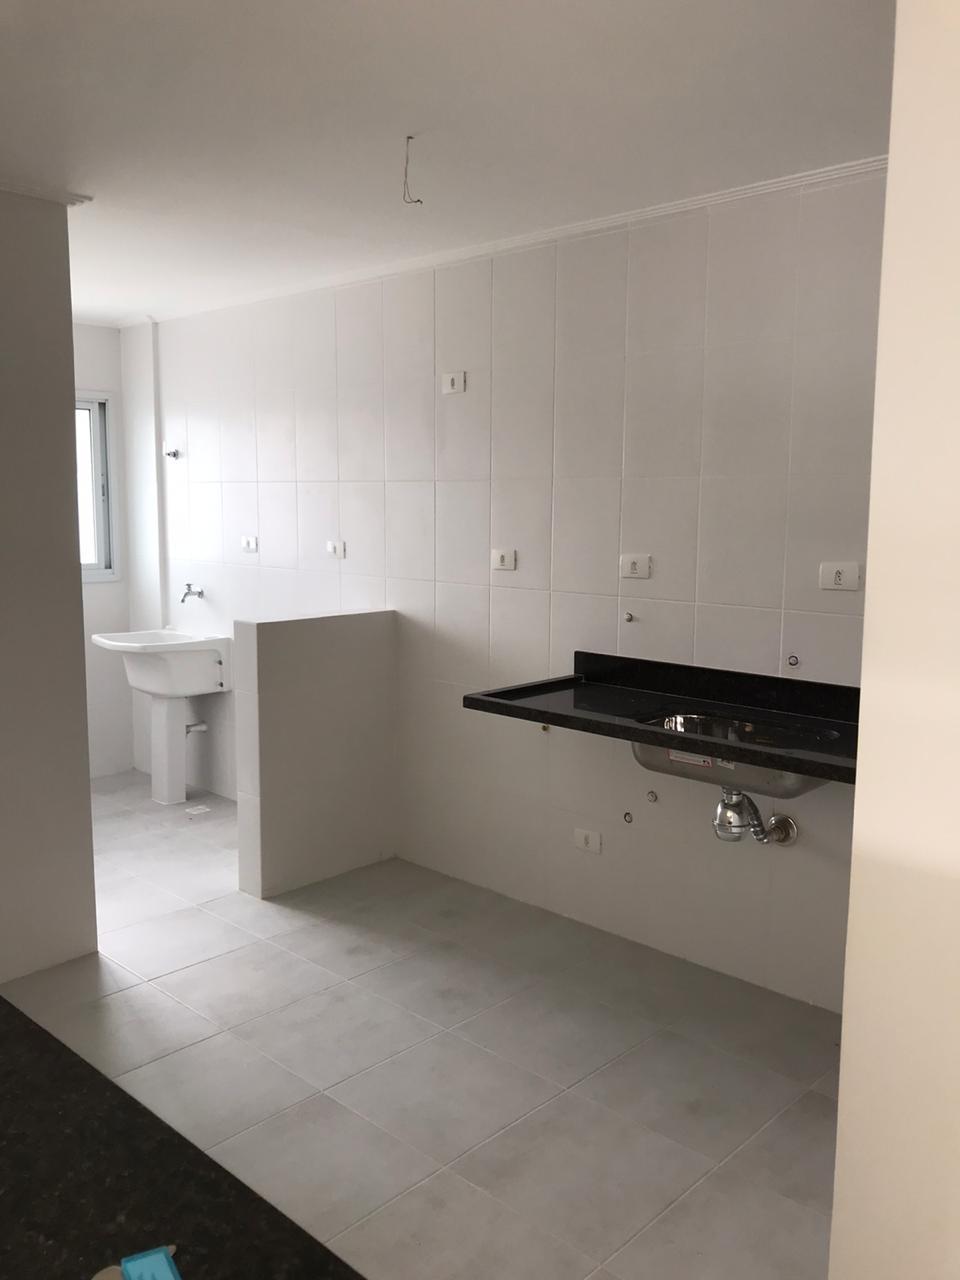 apartamento novo 2 dormitórios com 1 suite e uma varanda gourmet. - foto 10